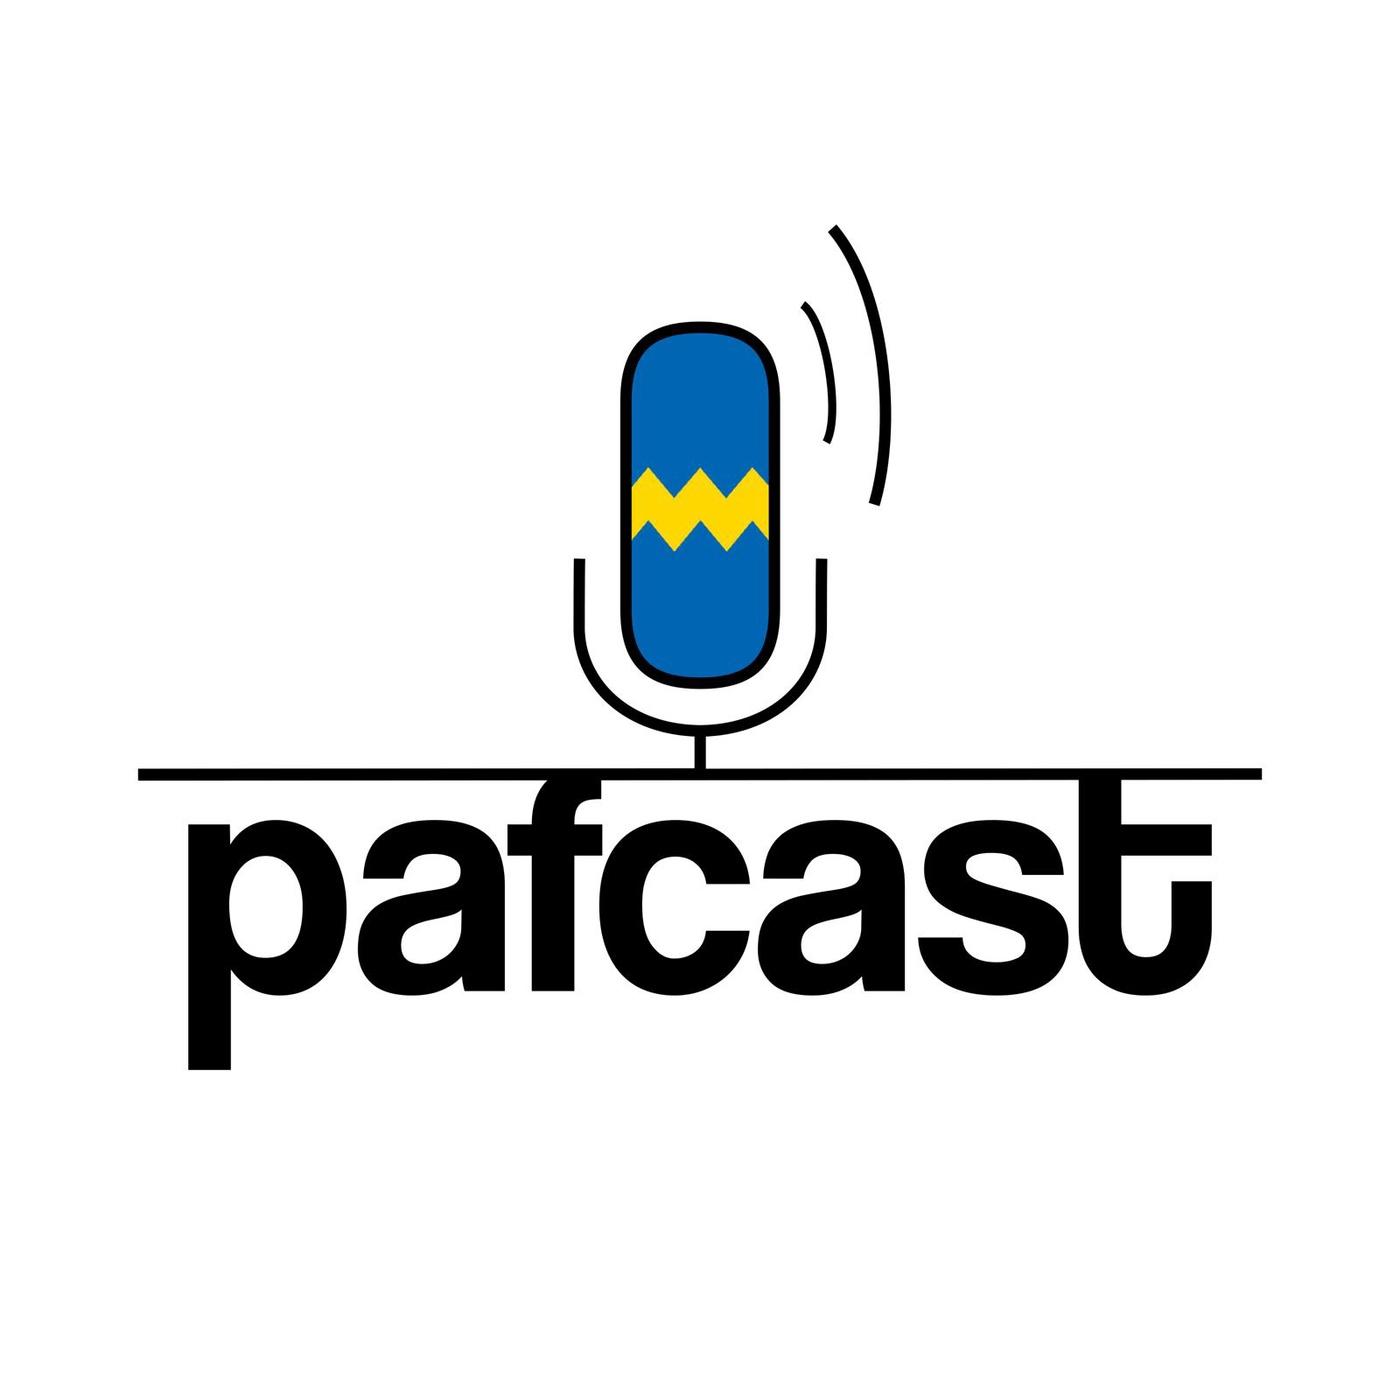 Pafcast - Themen rund um Pfaffenhofen